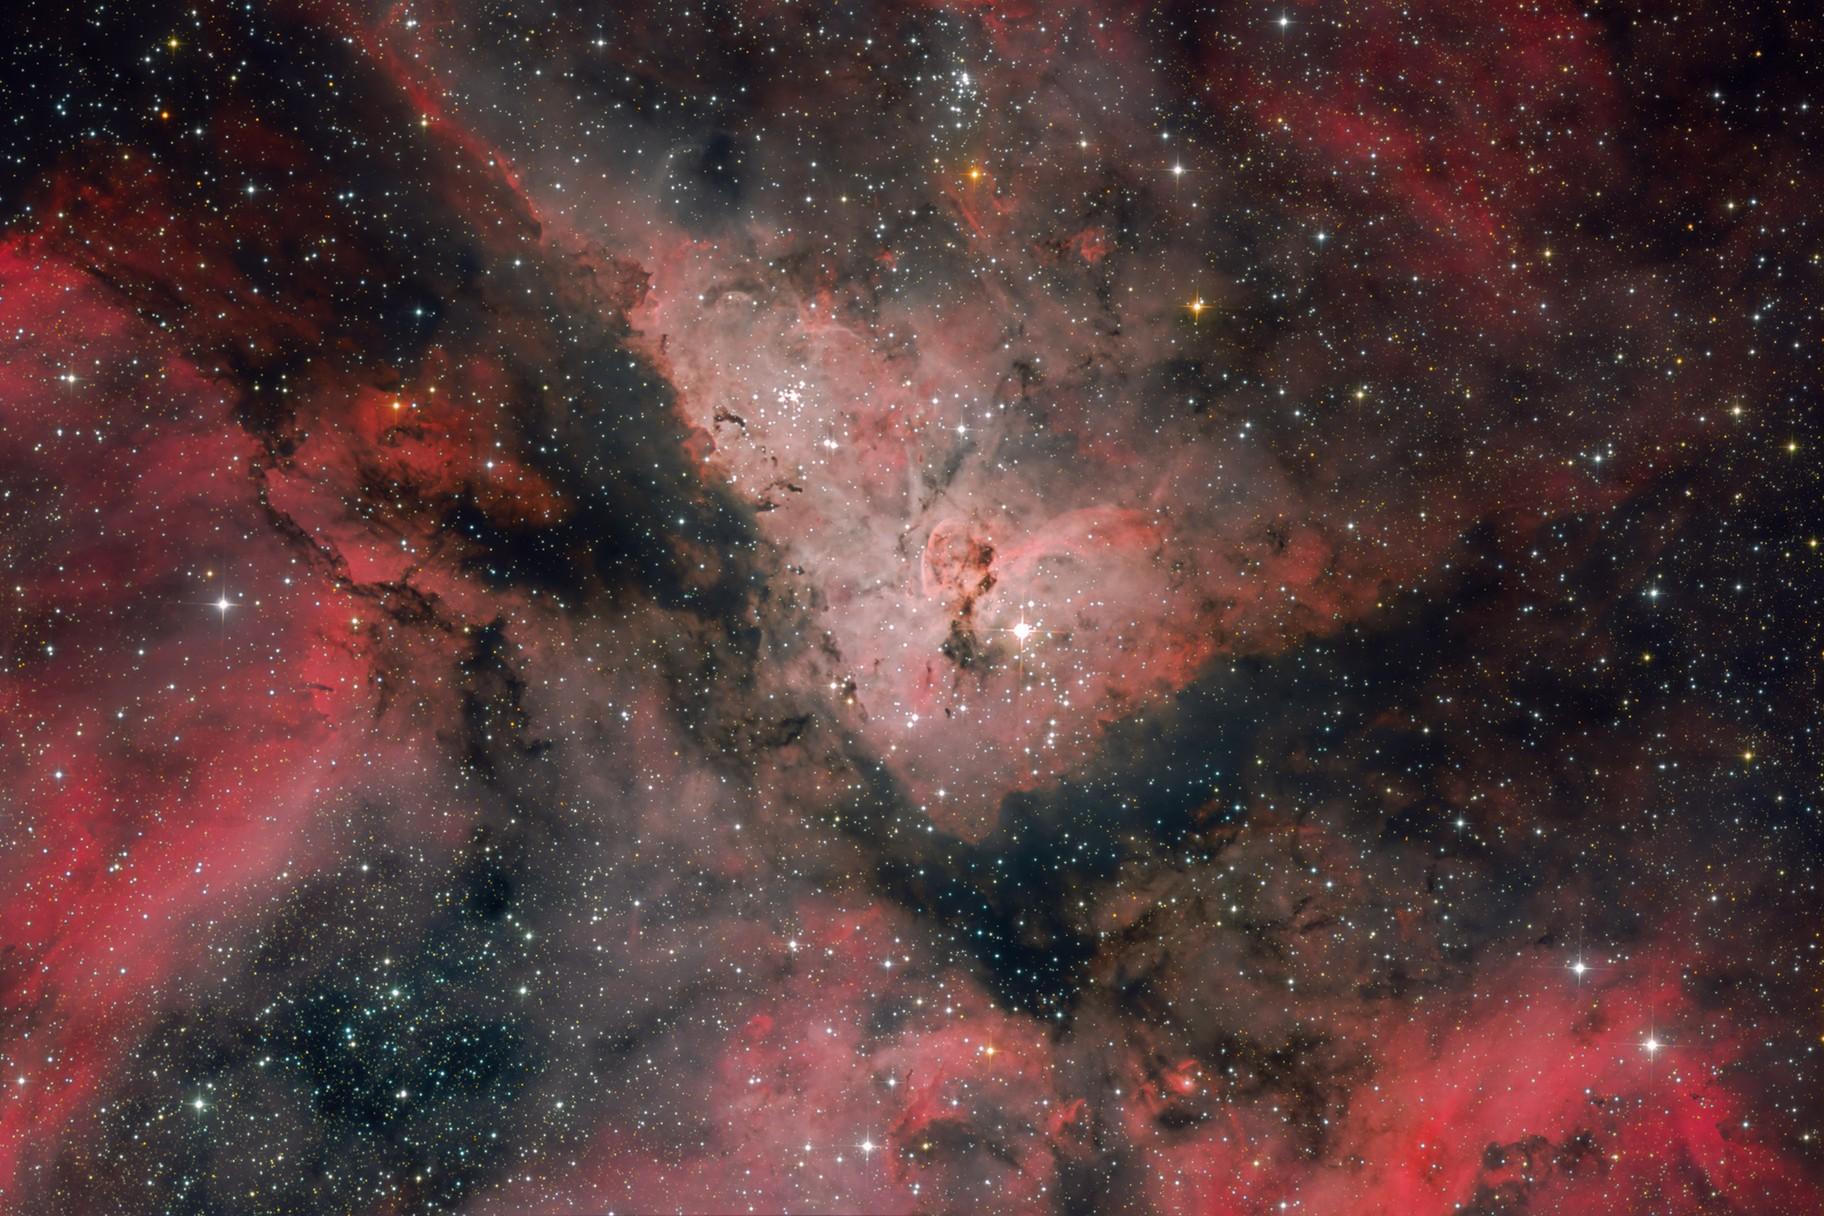 NGC 3372 / A deep look through the keyhole